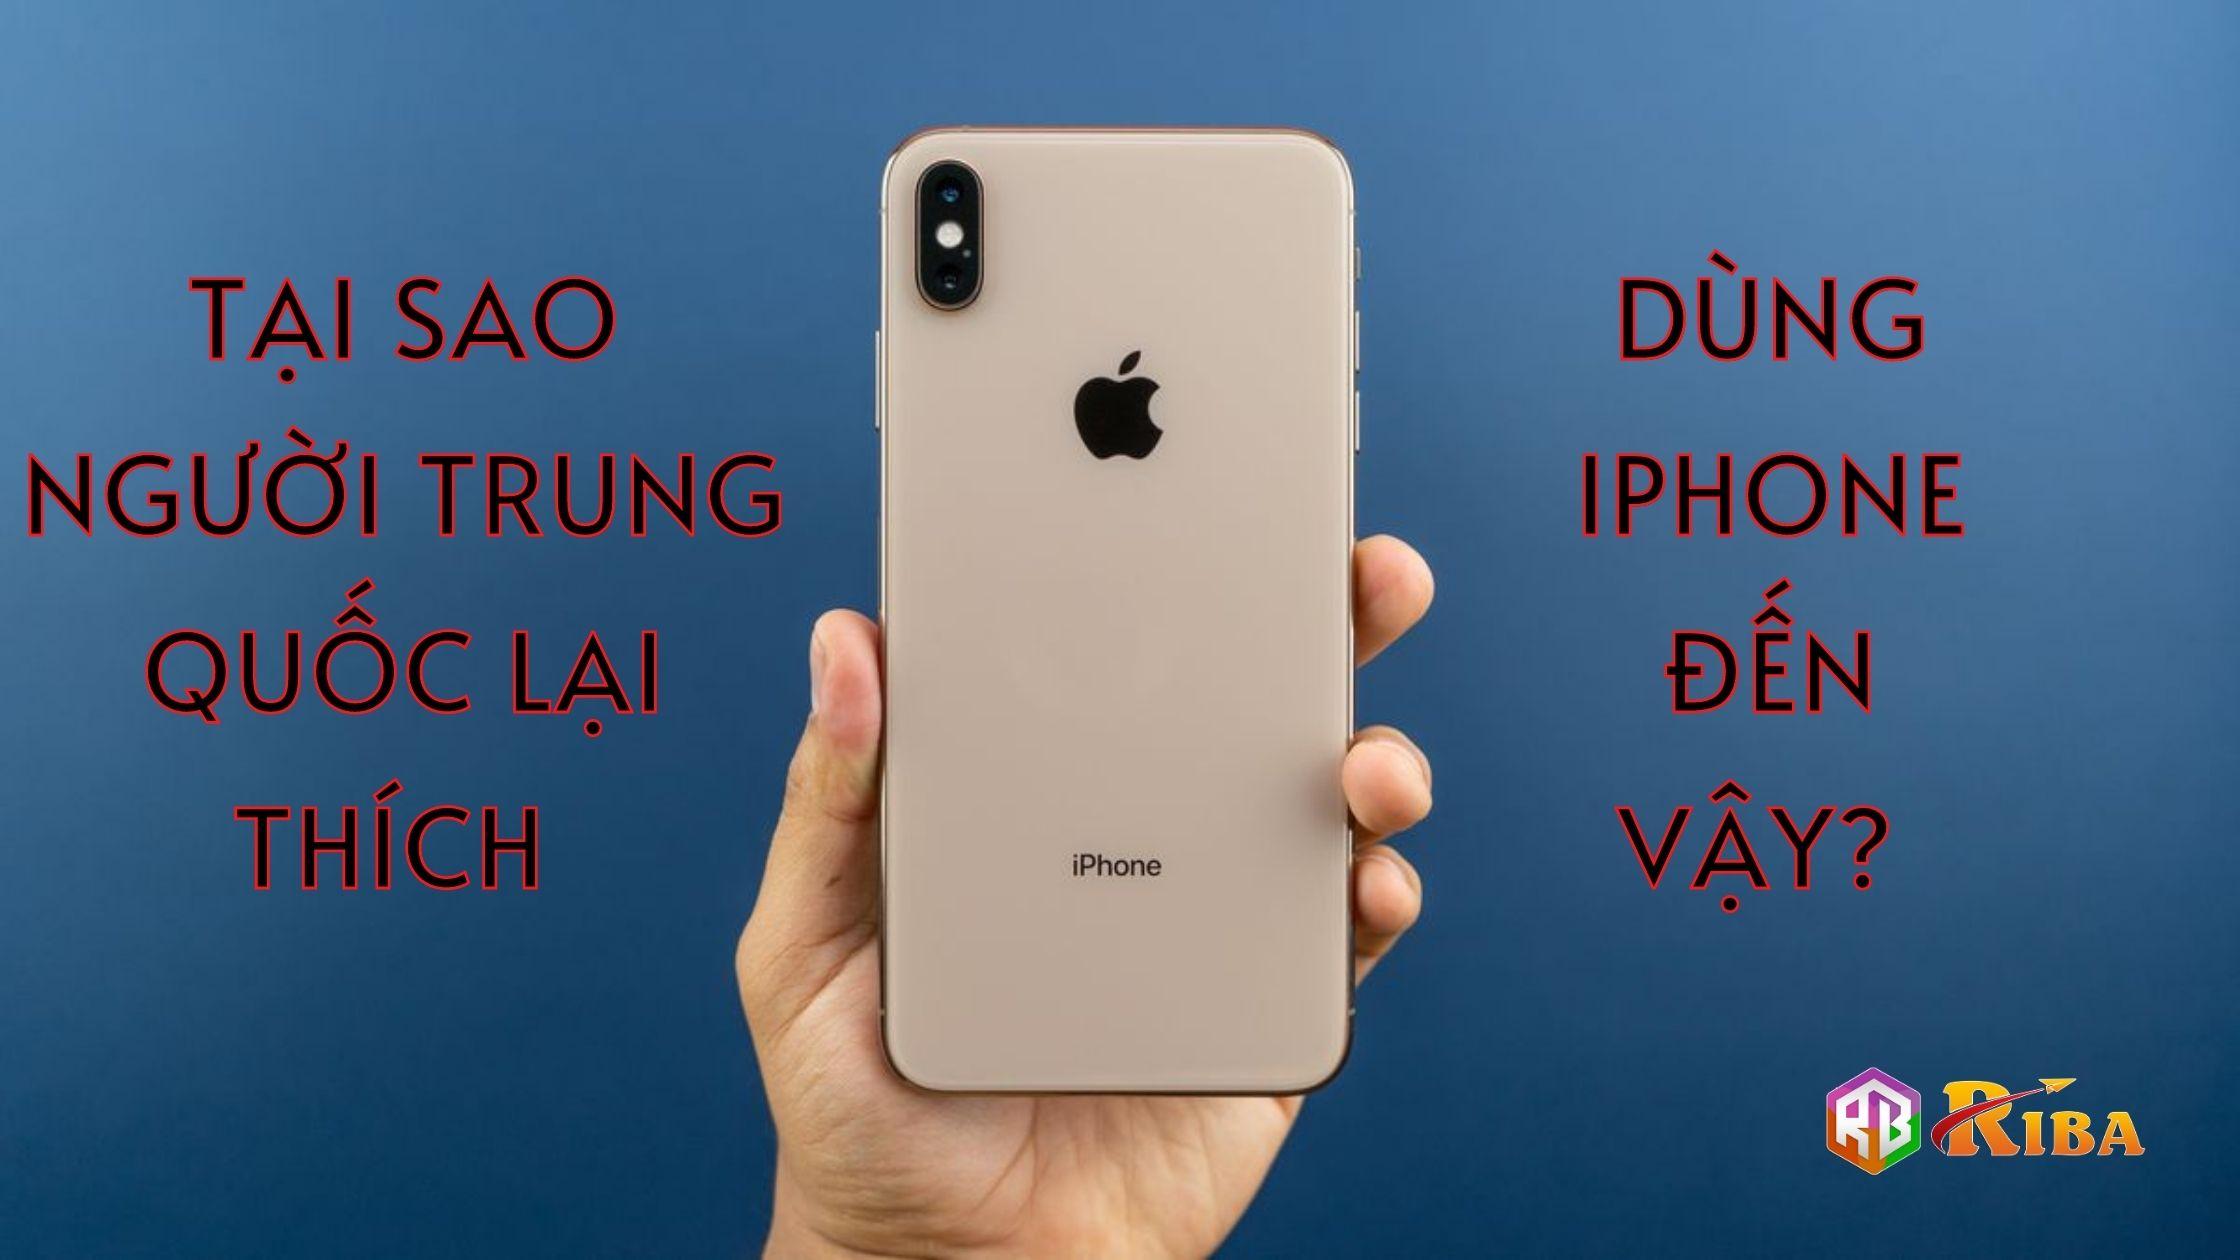 Tại Sao Người Trung Quốc Lại Thích Dùng Iphone Đến Vậy?